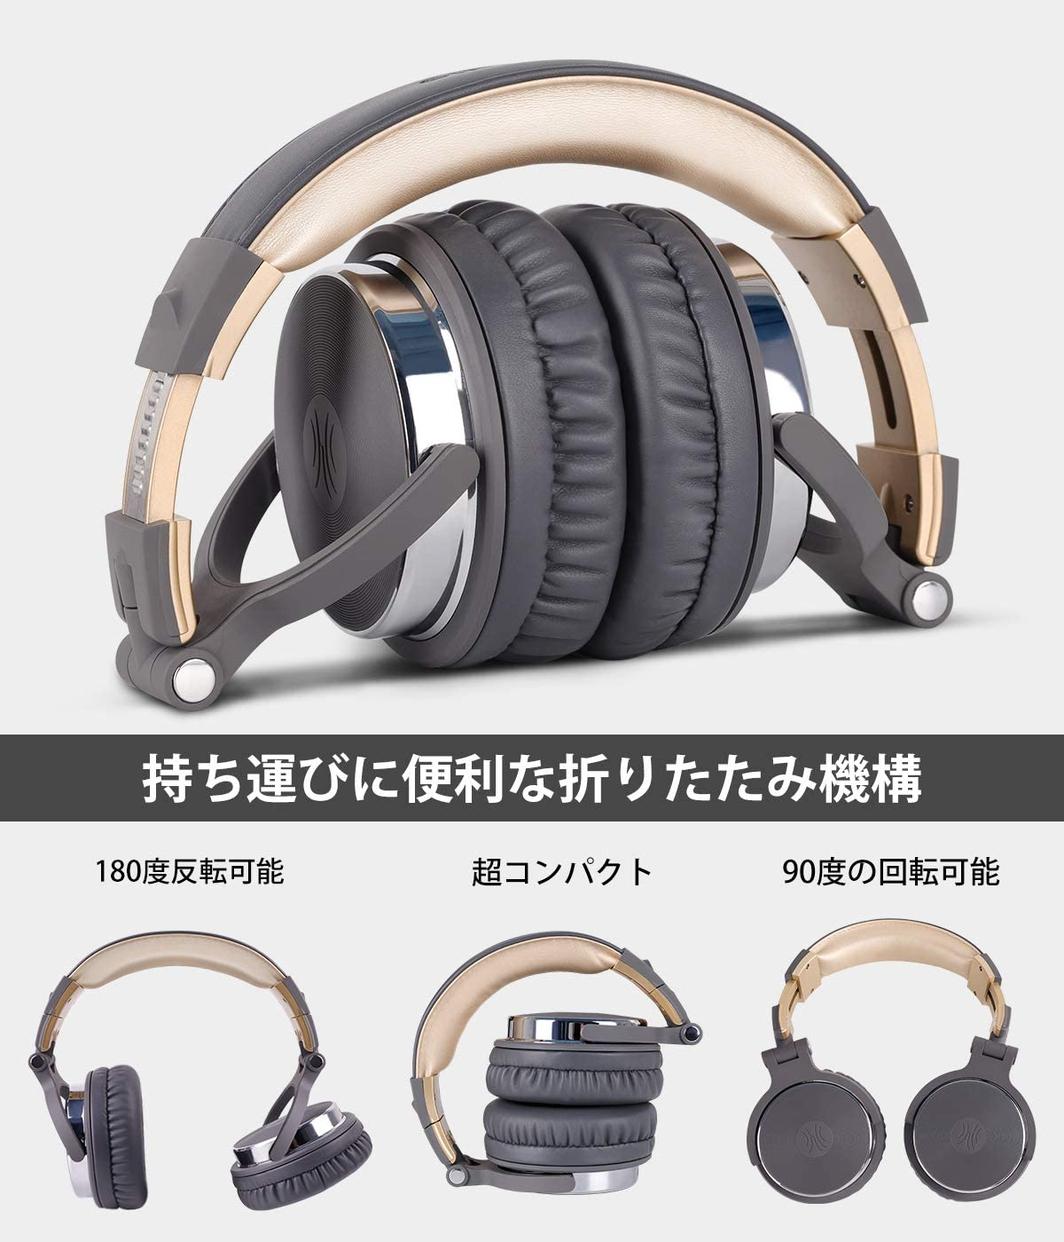 OneOdio(ワンオディオ) モニターヘッドホン Pro10の商品画像4